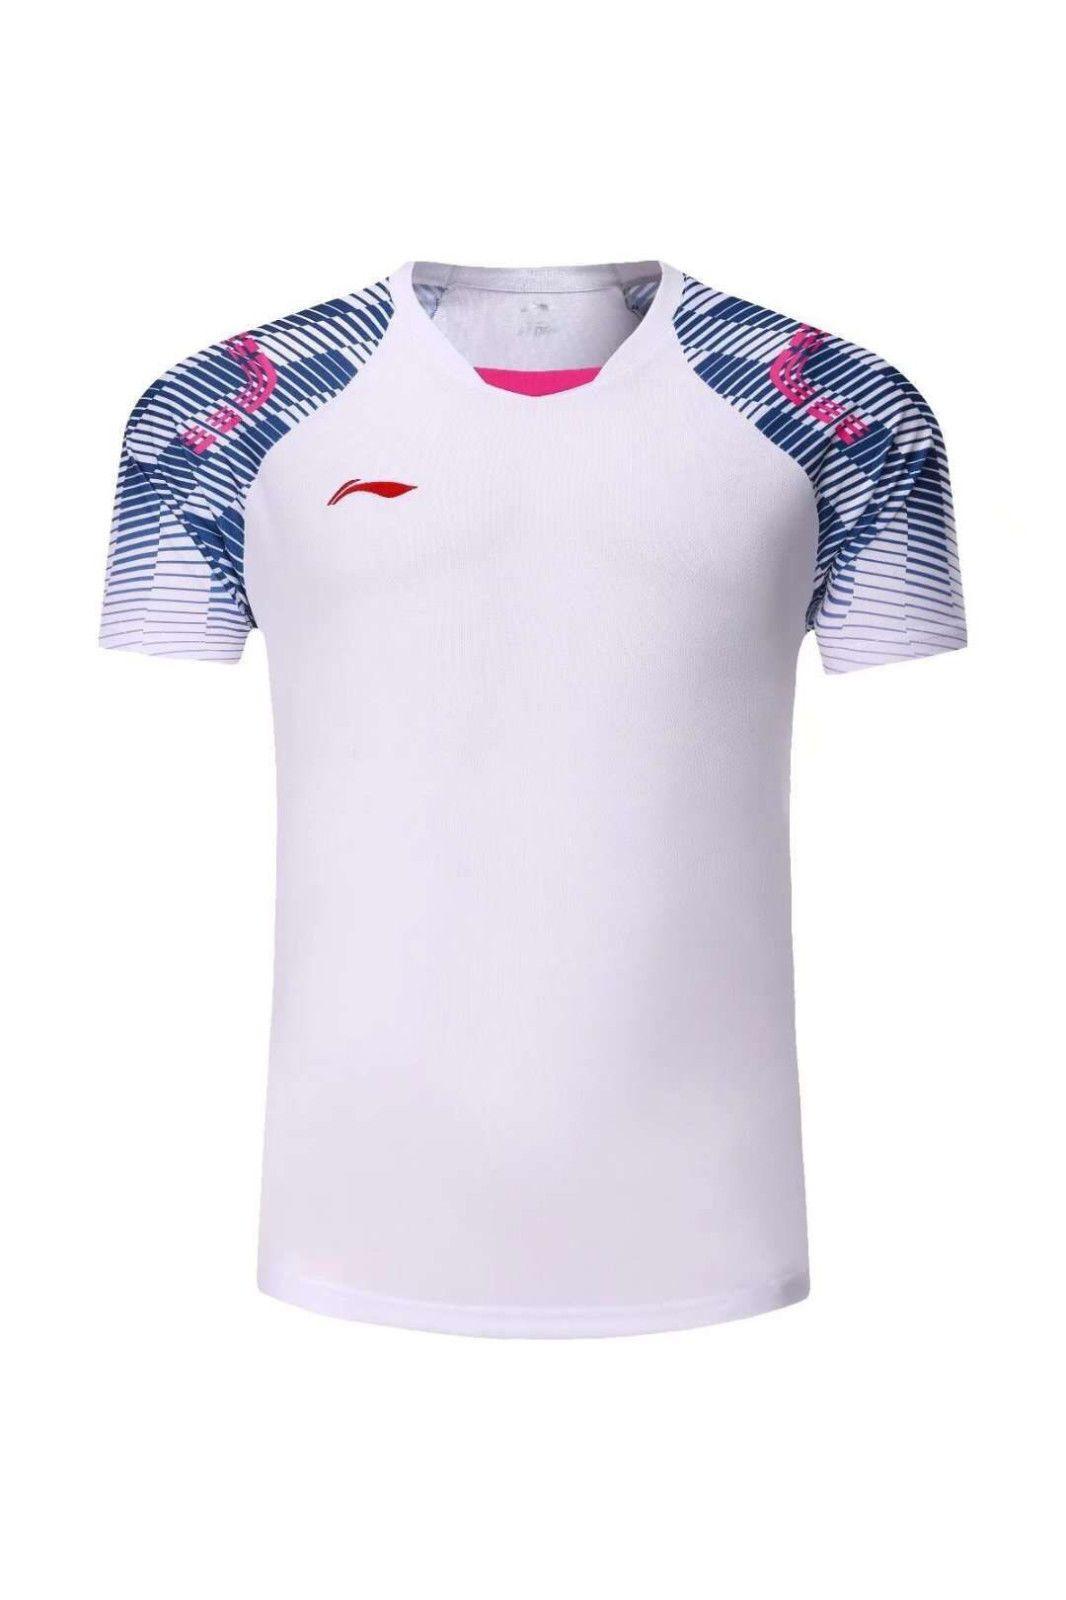 3c07150f7 2018 Li-Ning New mens sports Tops tennis/badminton Clothes T shirts ...